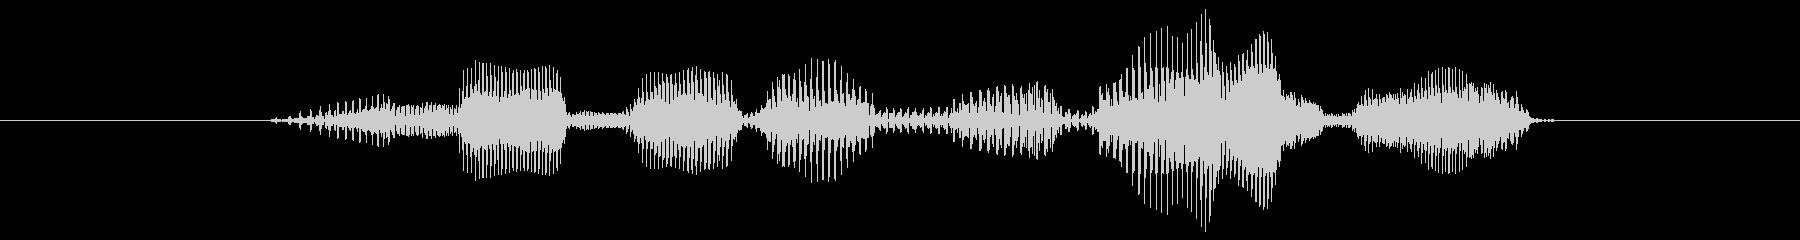 「今ならもらえる」の未再生の波形